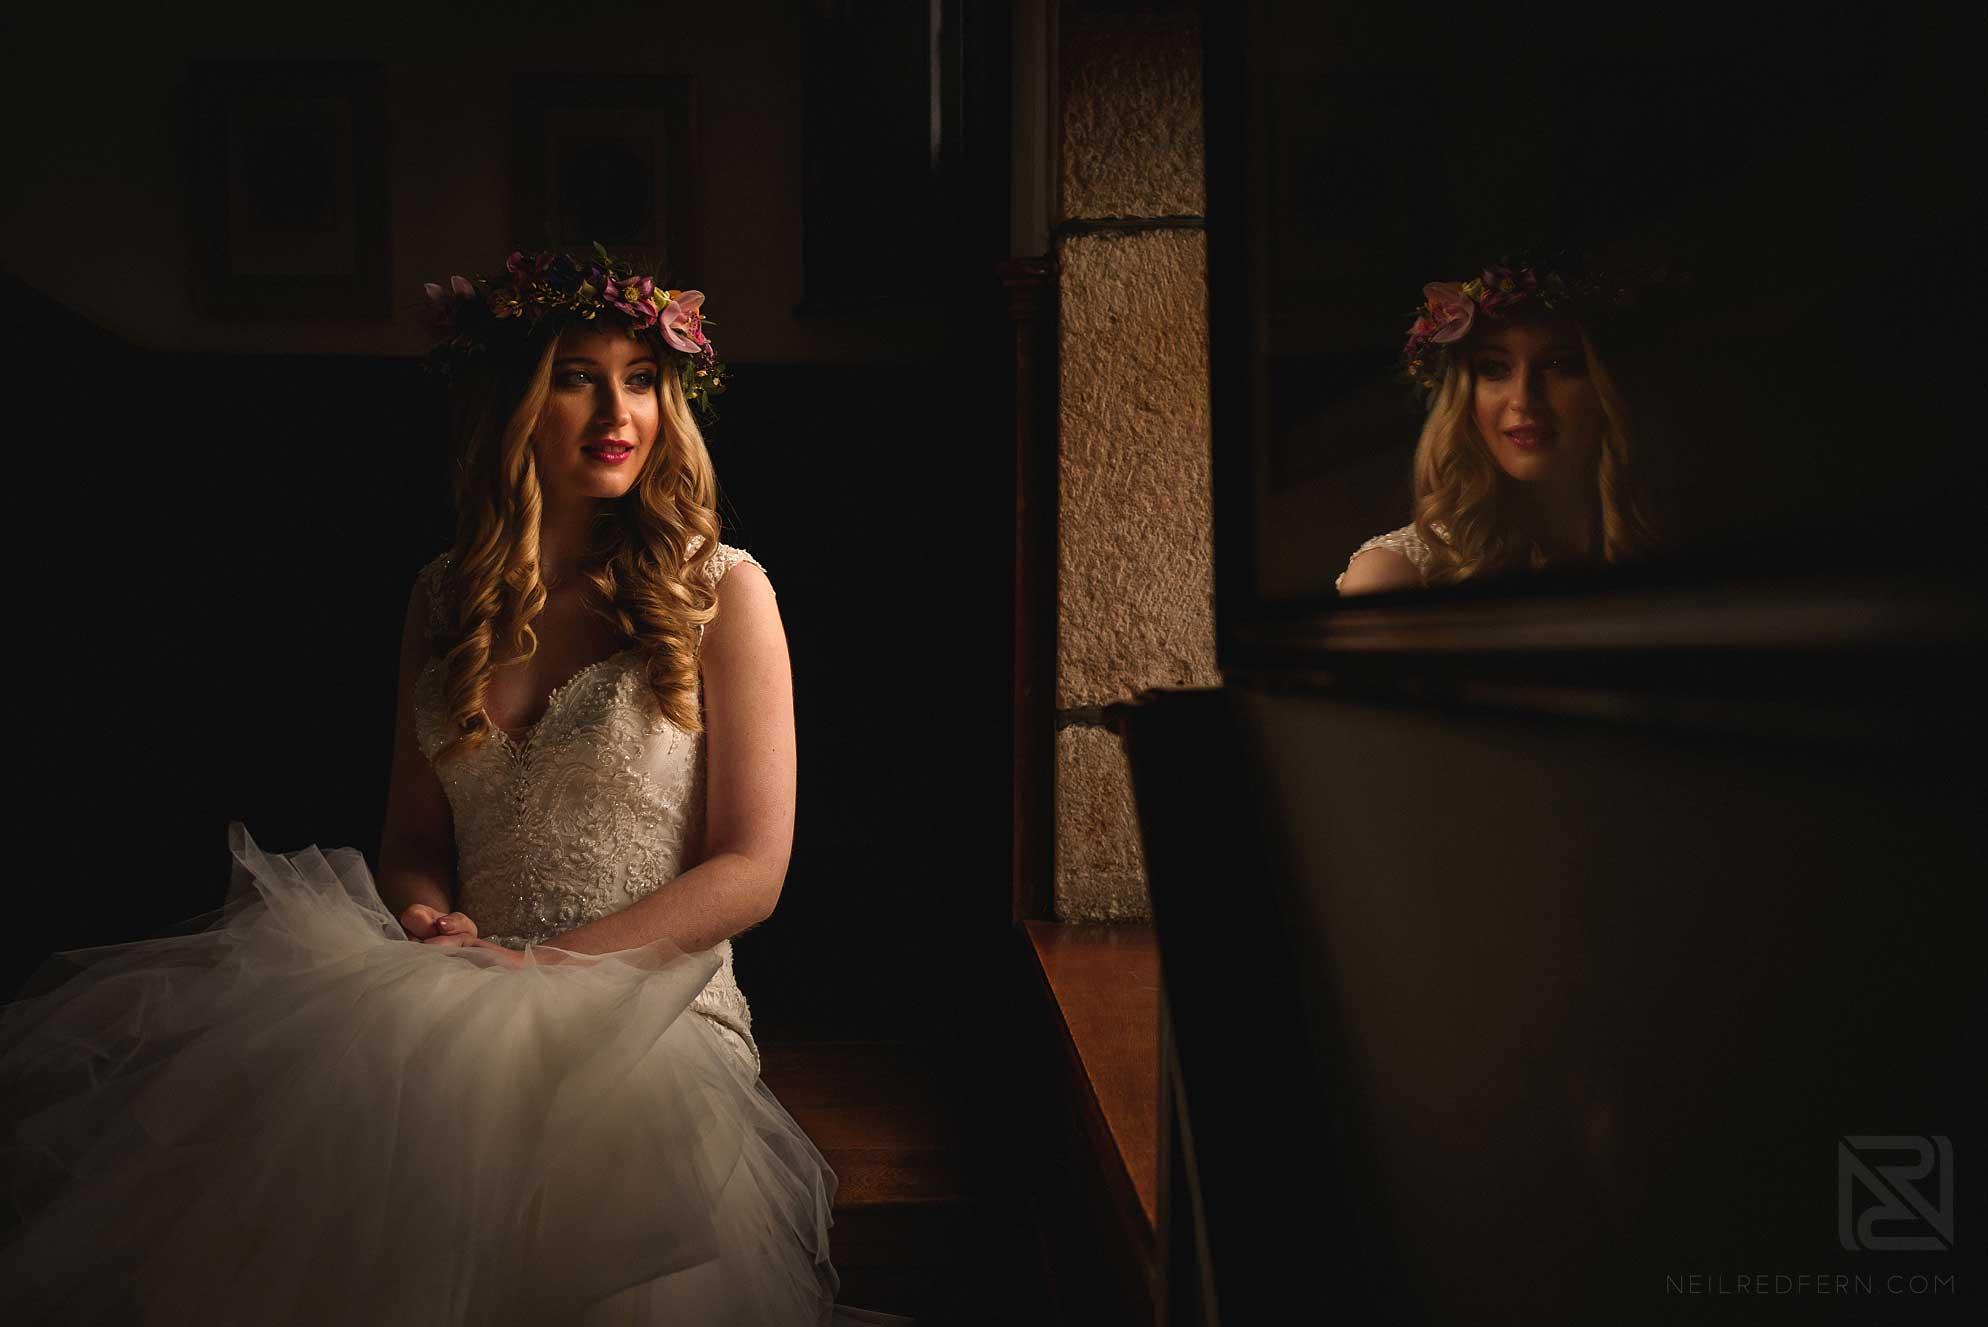 wedding-photography-workshop-lancashire-08